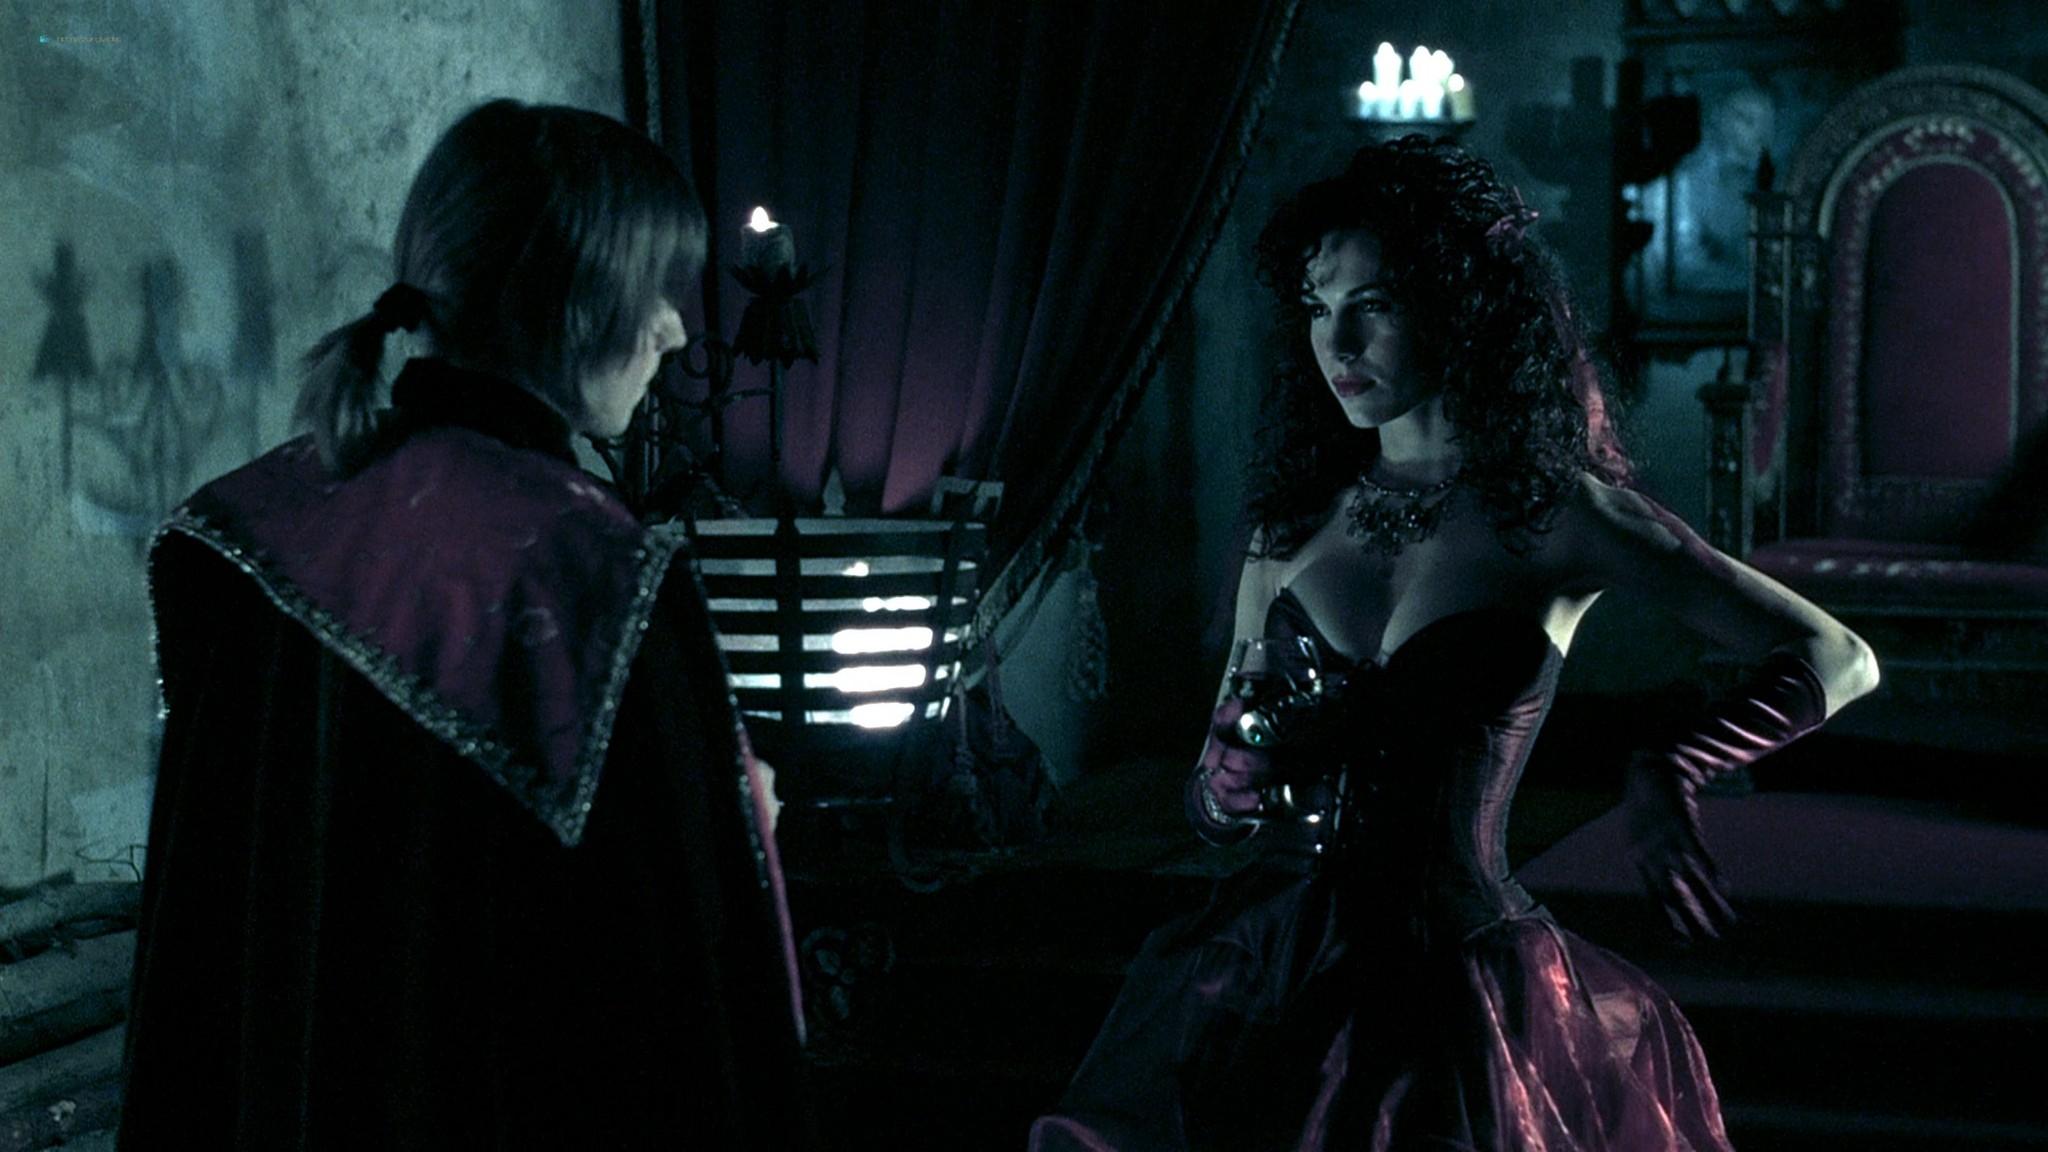 Jennifer Lyons hot Simon Petric, Desiree Malonga and others nude - Transylmania (2009) HD 1080p BluRay (r) (18)